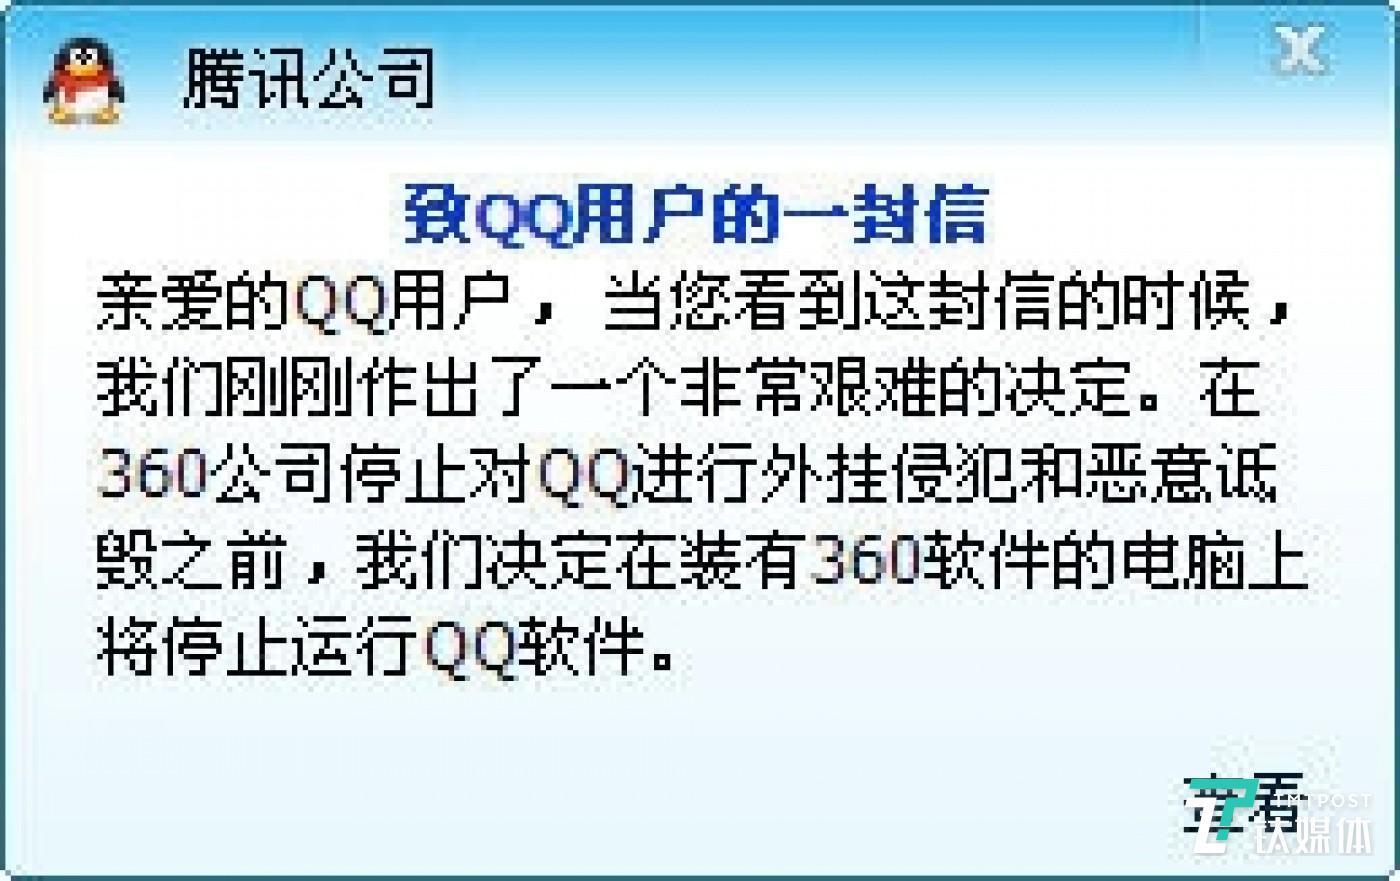 """2010年3Q大战期间腾讯弹窗请用户""""二选一"""""""